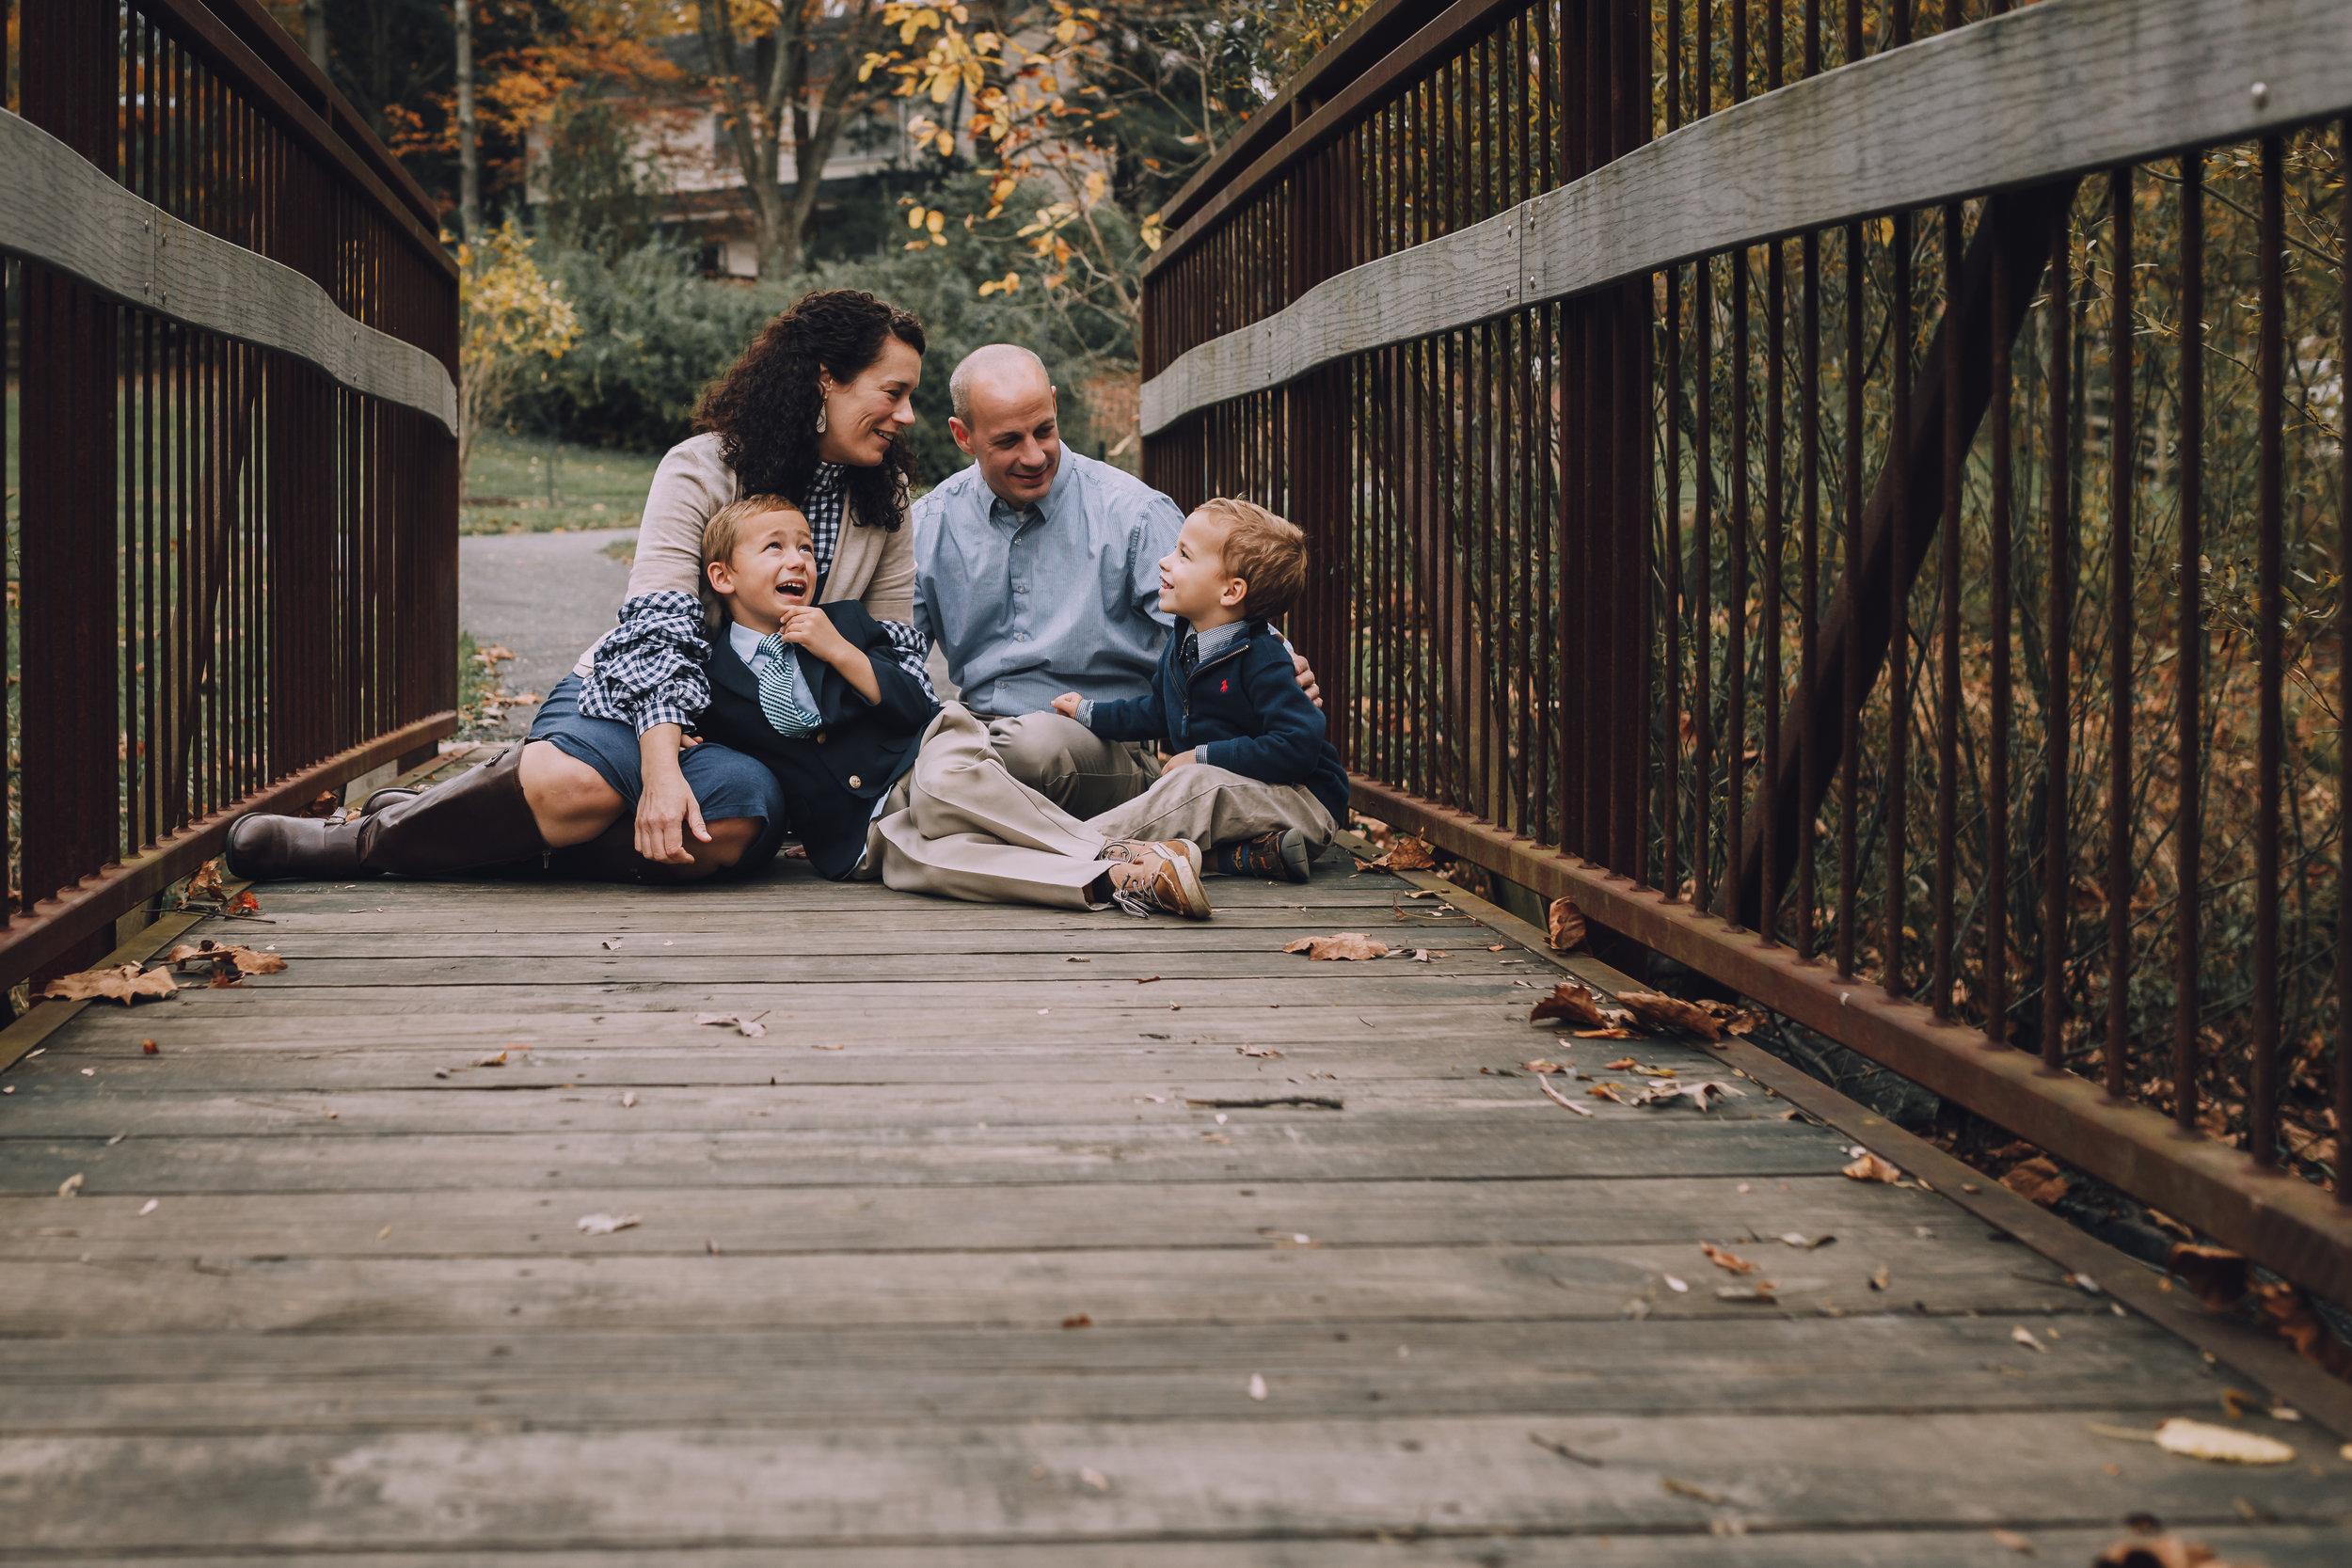 Family_Photographer_Rockville_Maryland16.jpg